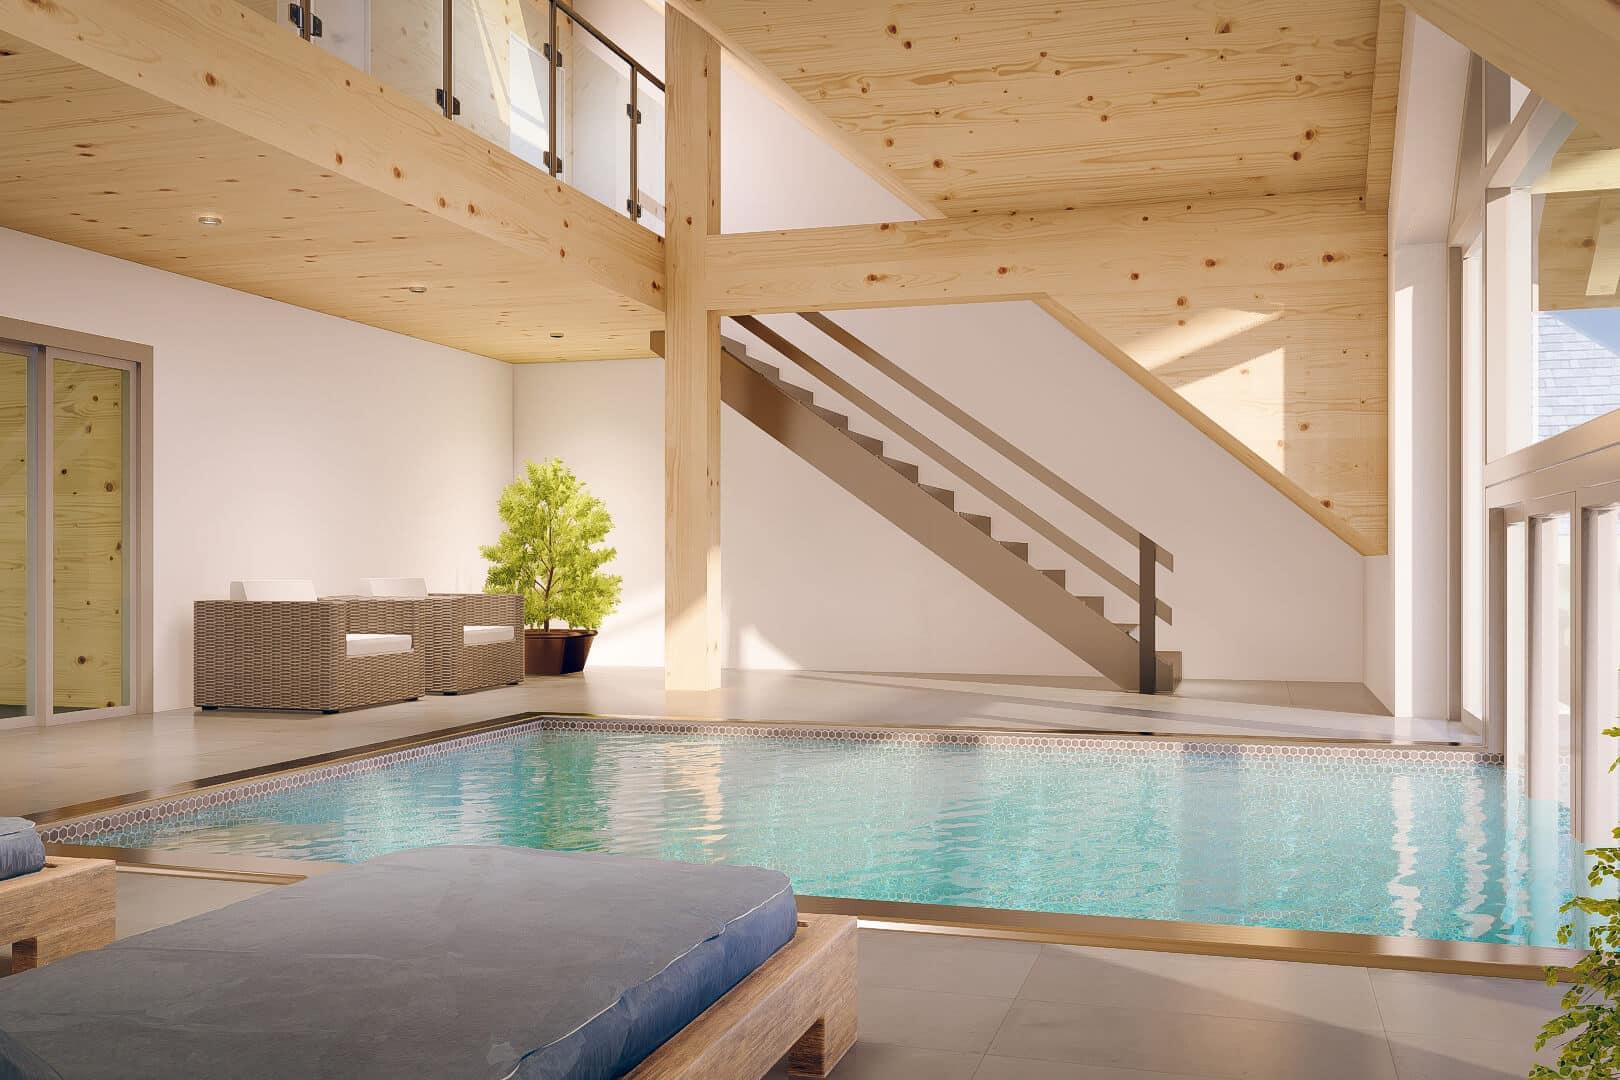 Erst im 30° Wasser entspannen und dann auf der Liege relaxen.